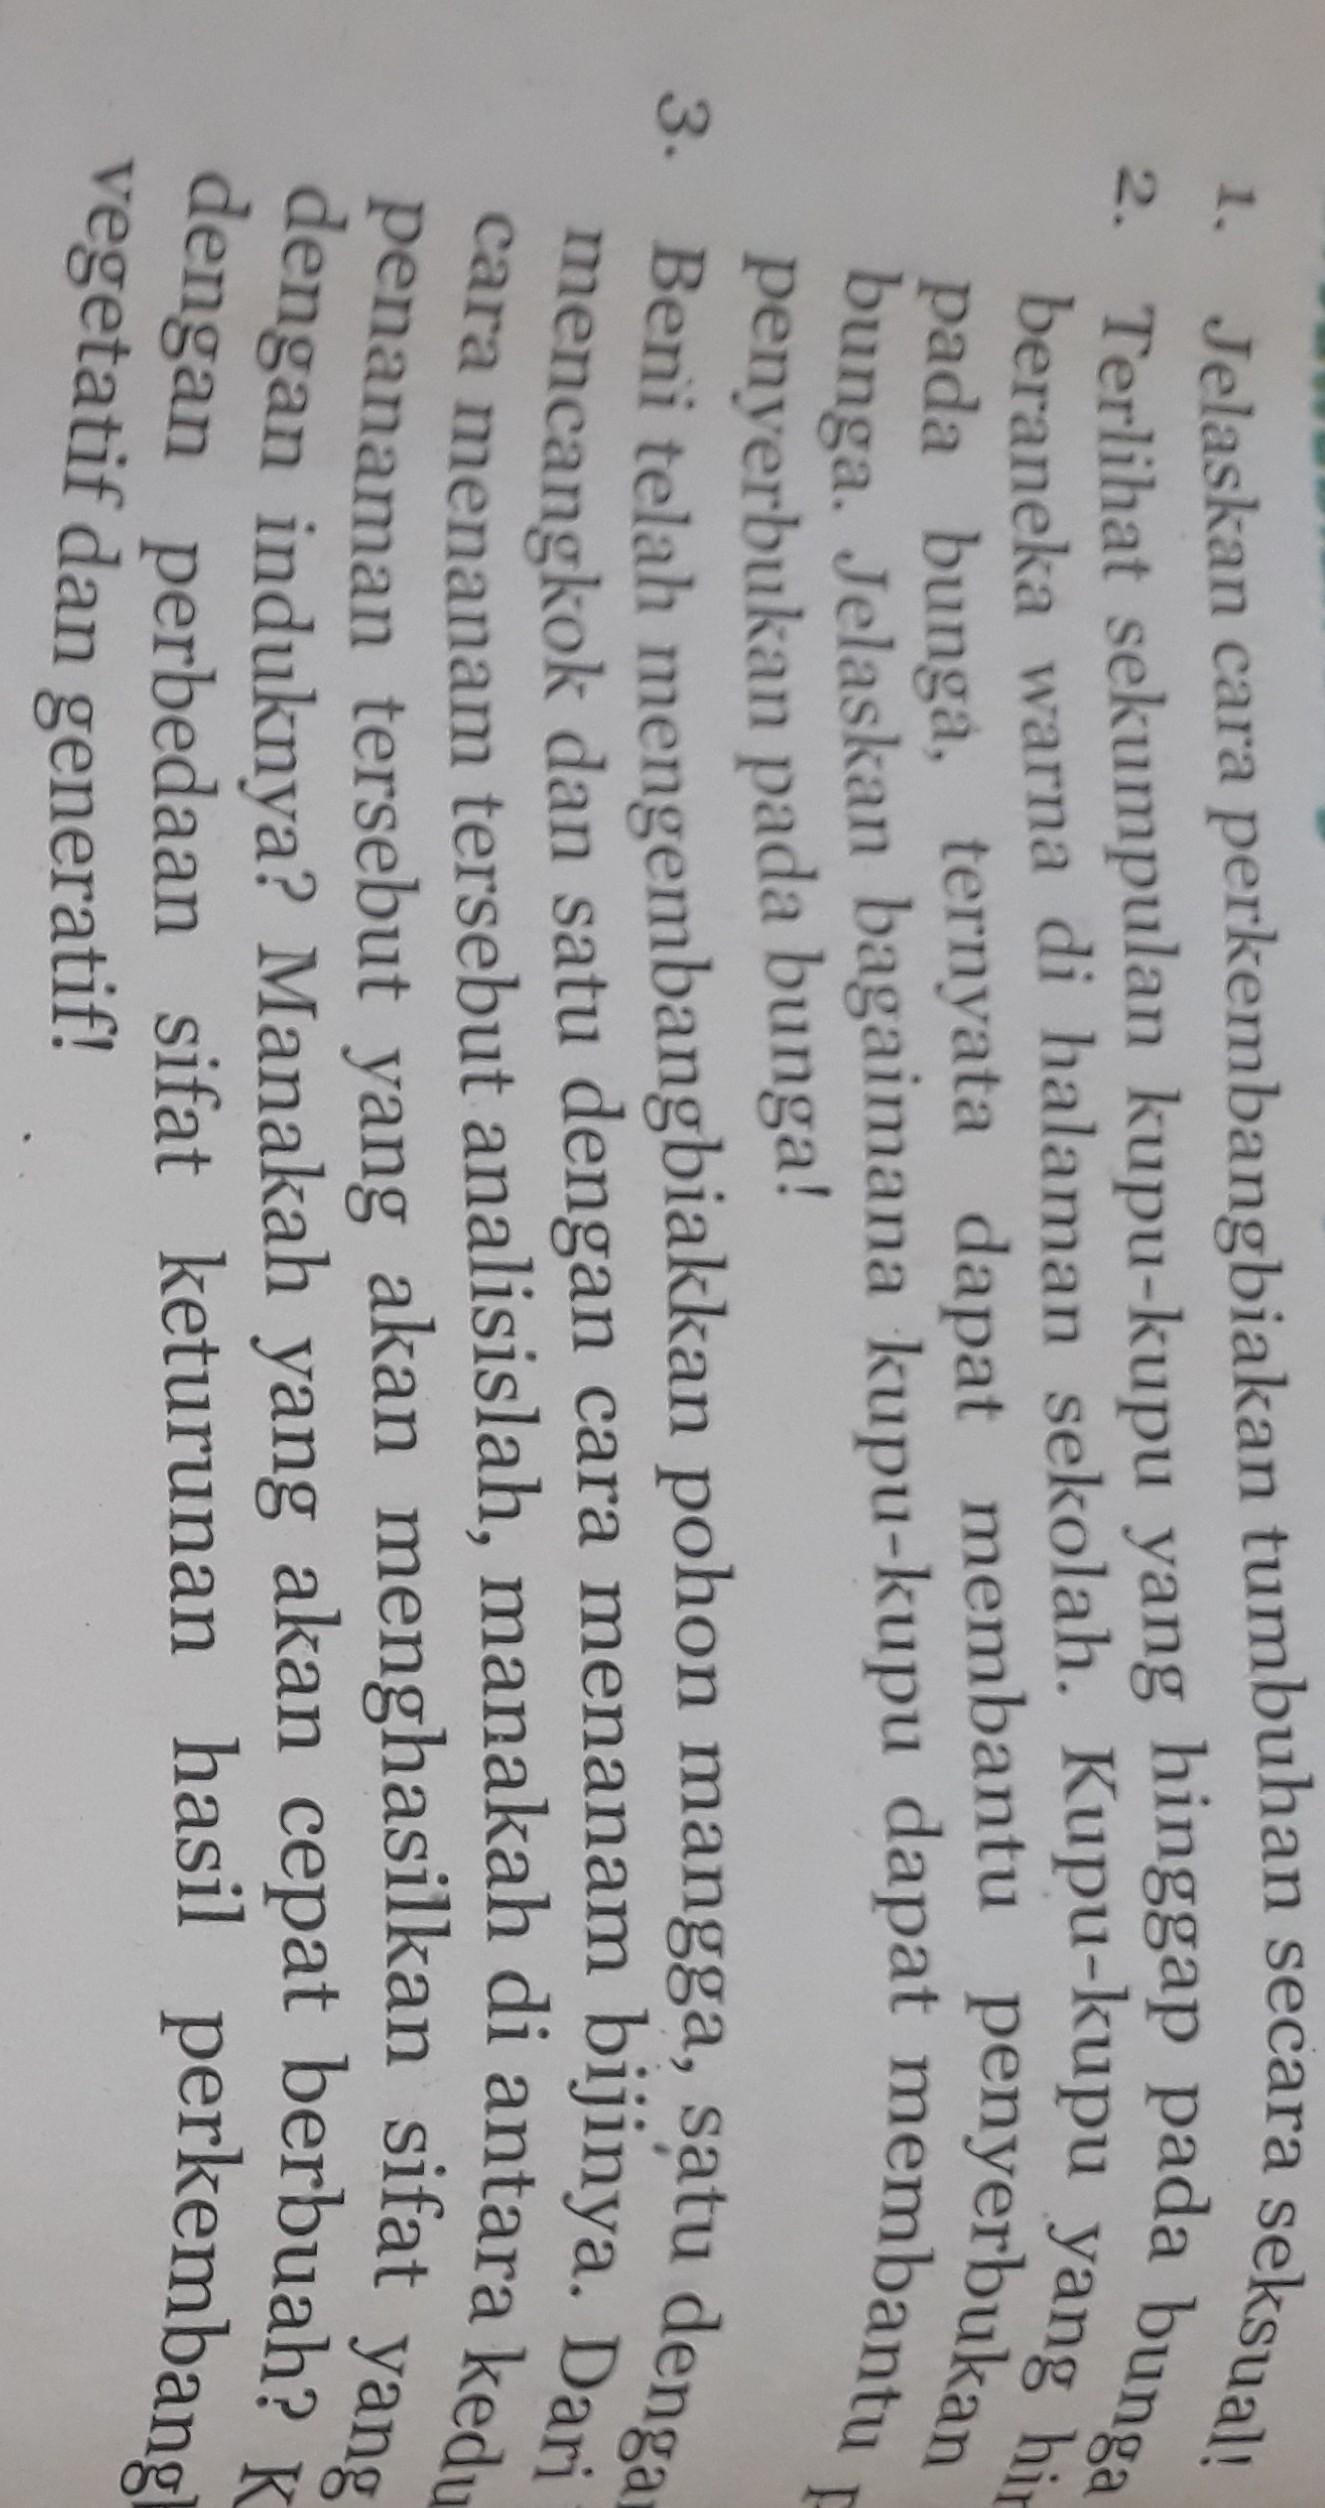 Jawaban Ipa Kelas 9 Bab2 Halaman 114 Sampai 115 Brainly Co Id